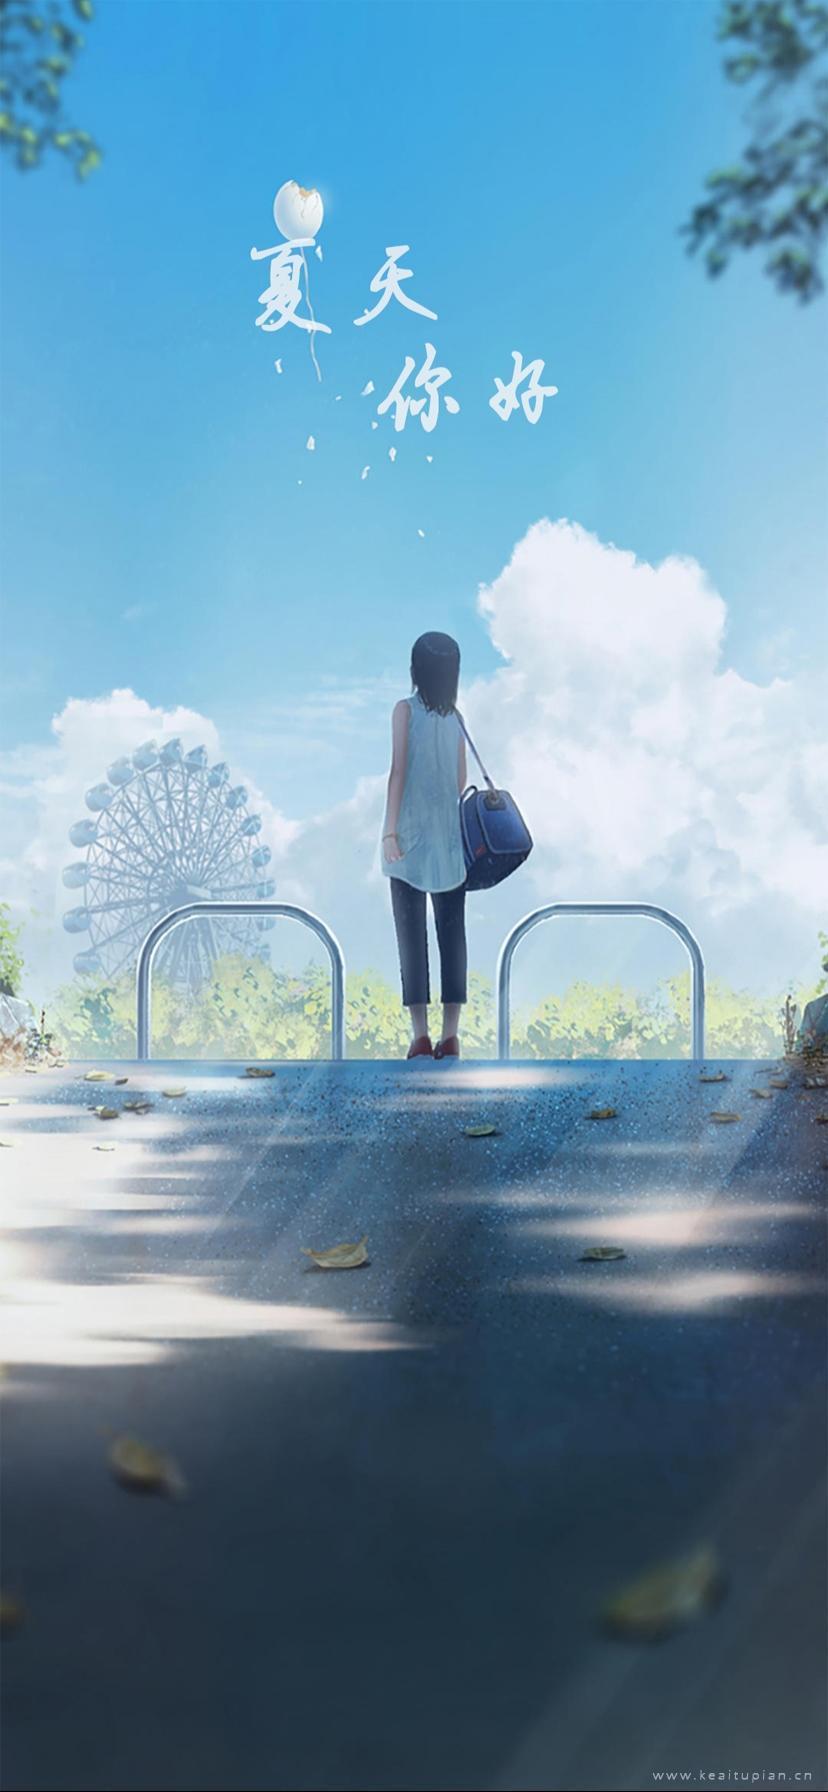 清新唯美的夏天你好背影插画高清图片